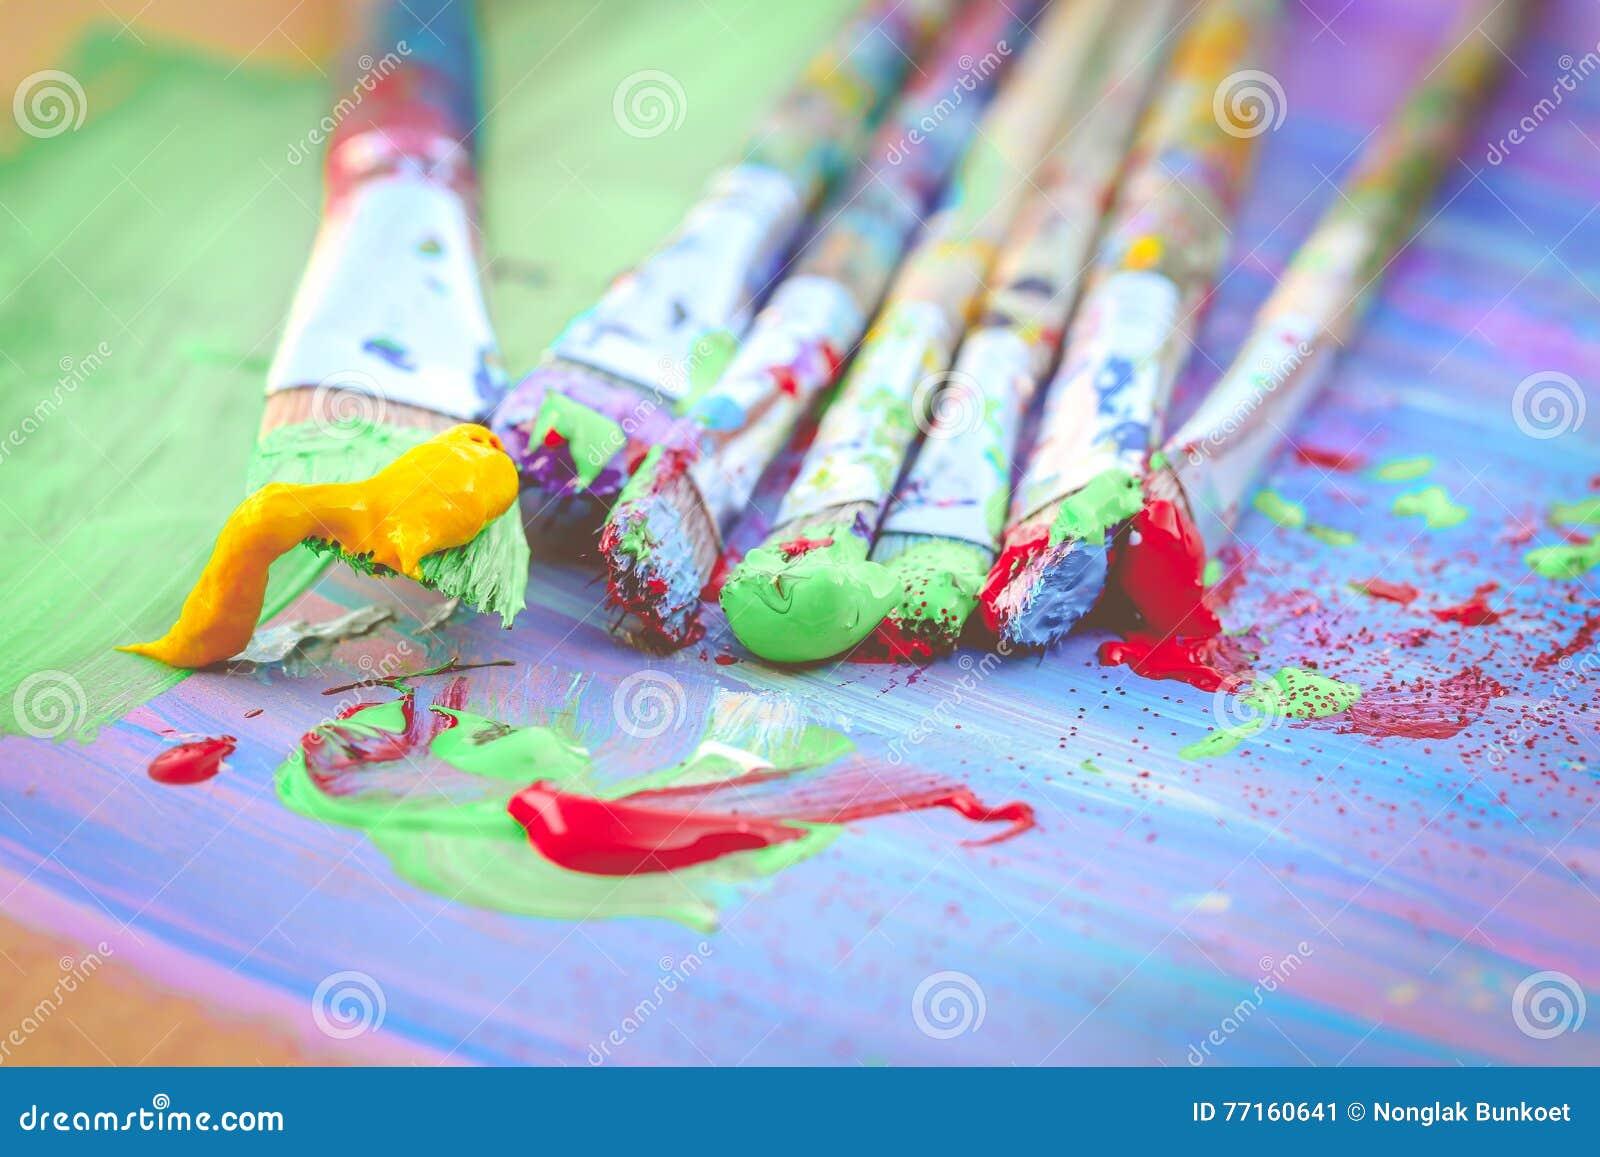 Pinceaux colorés